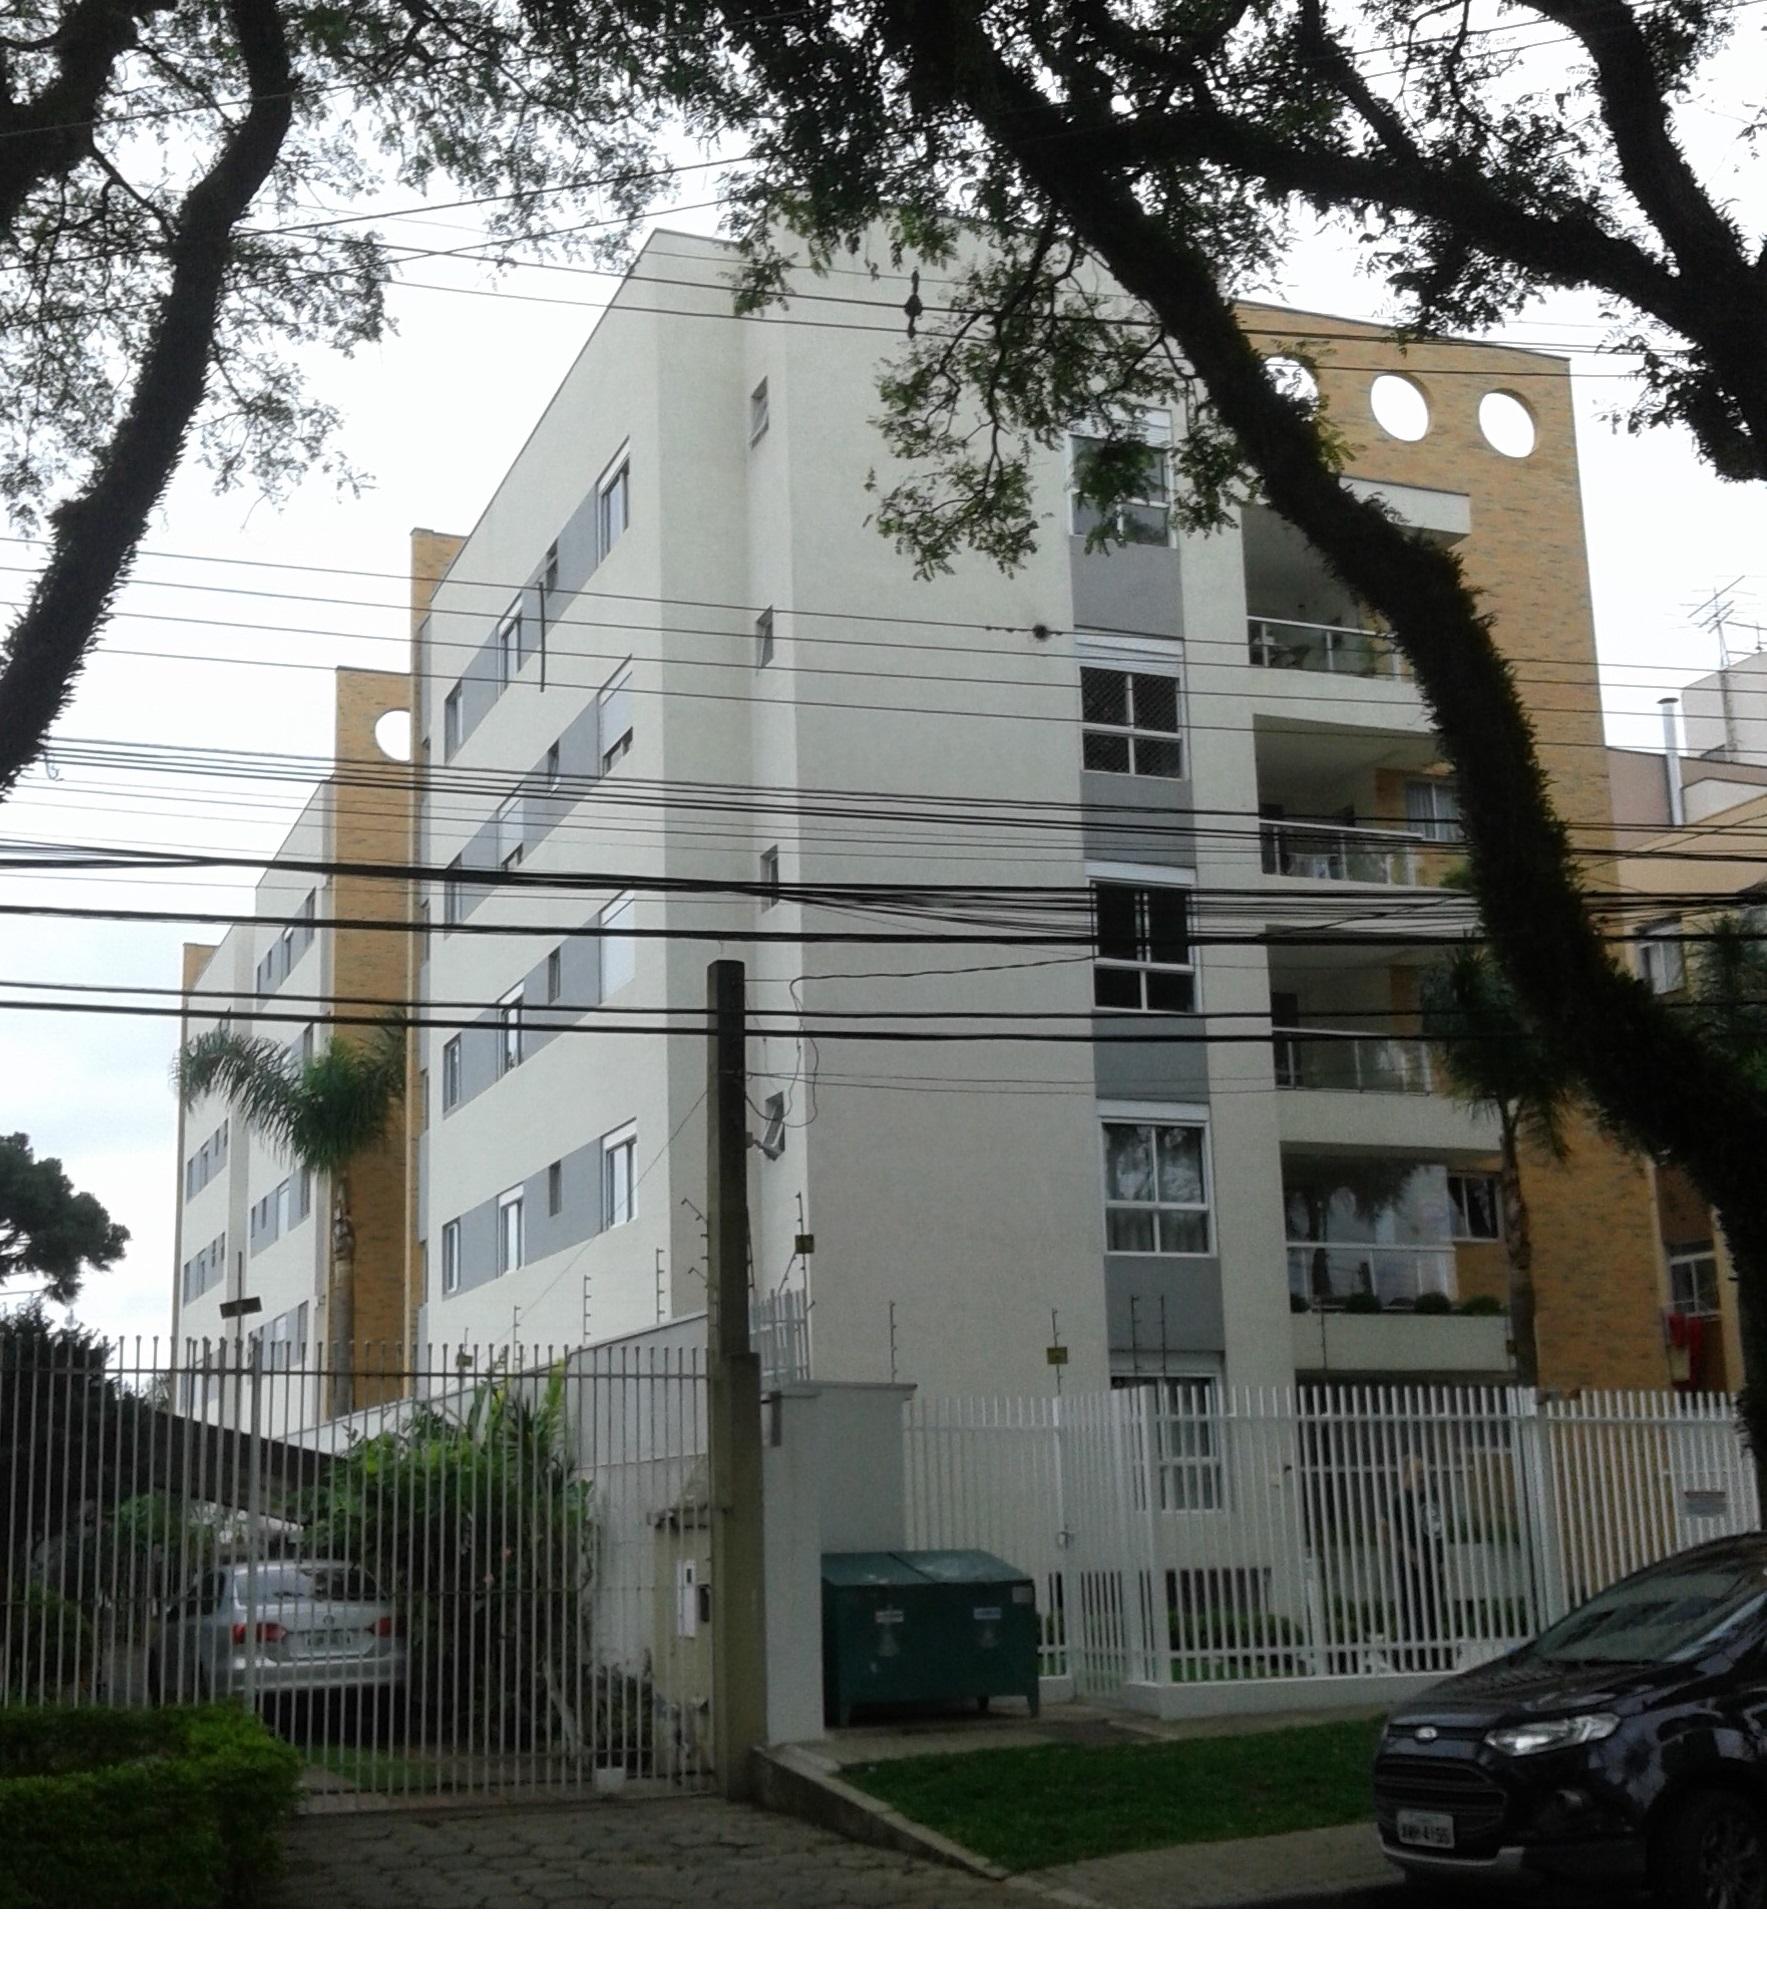 Habitação coletiva Ed. Jardins do Sol, A=3942,71 m², subsolo + 5 pavimentos. Estrutura em concreto armado, fundação tubulão a céu aberto. Construtora ABCR